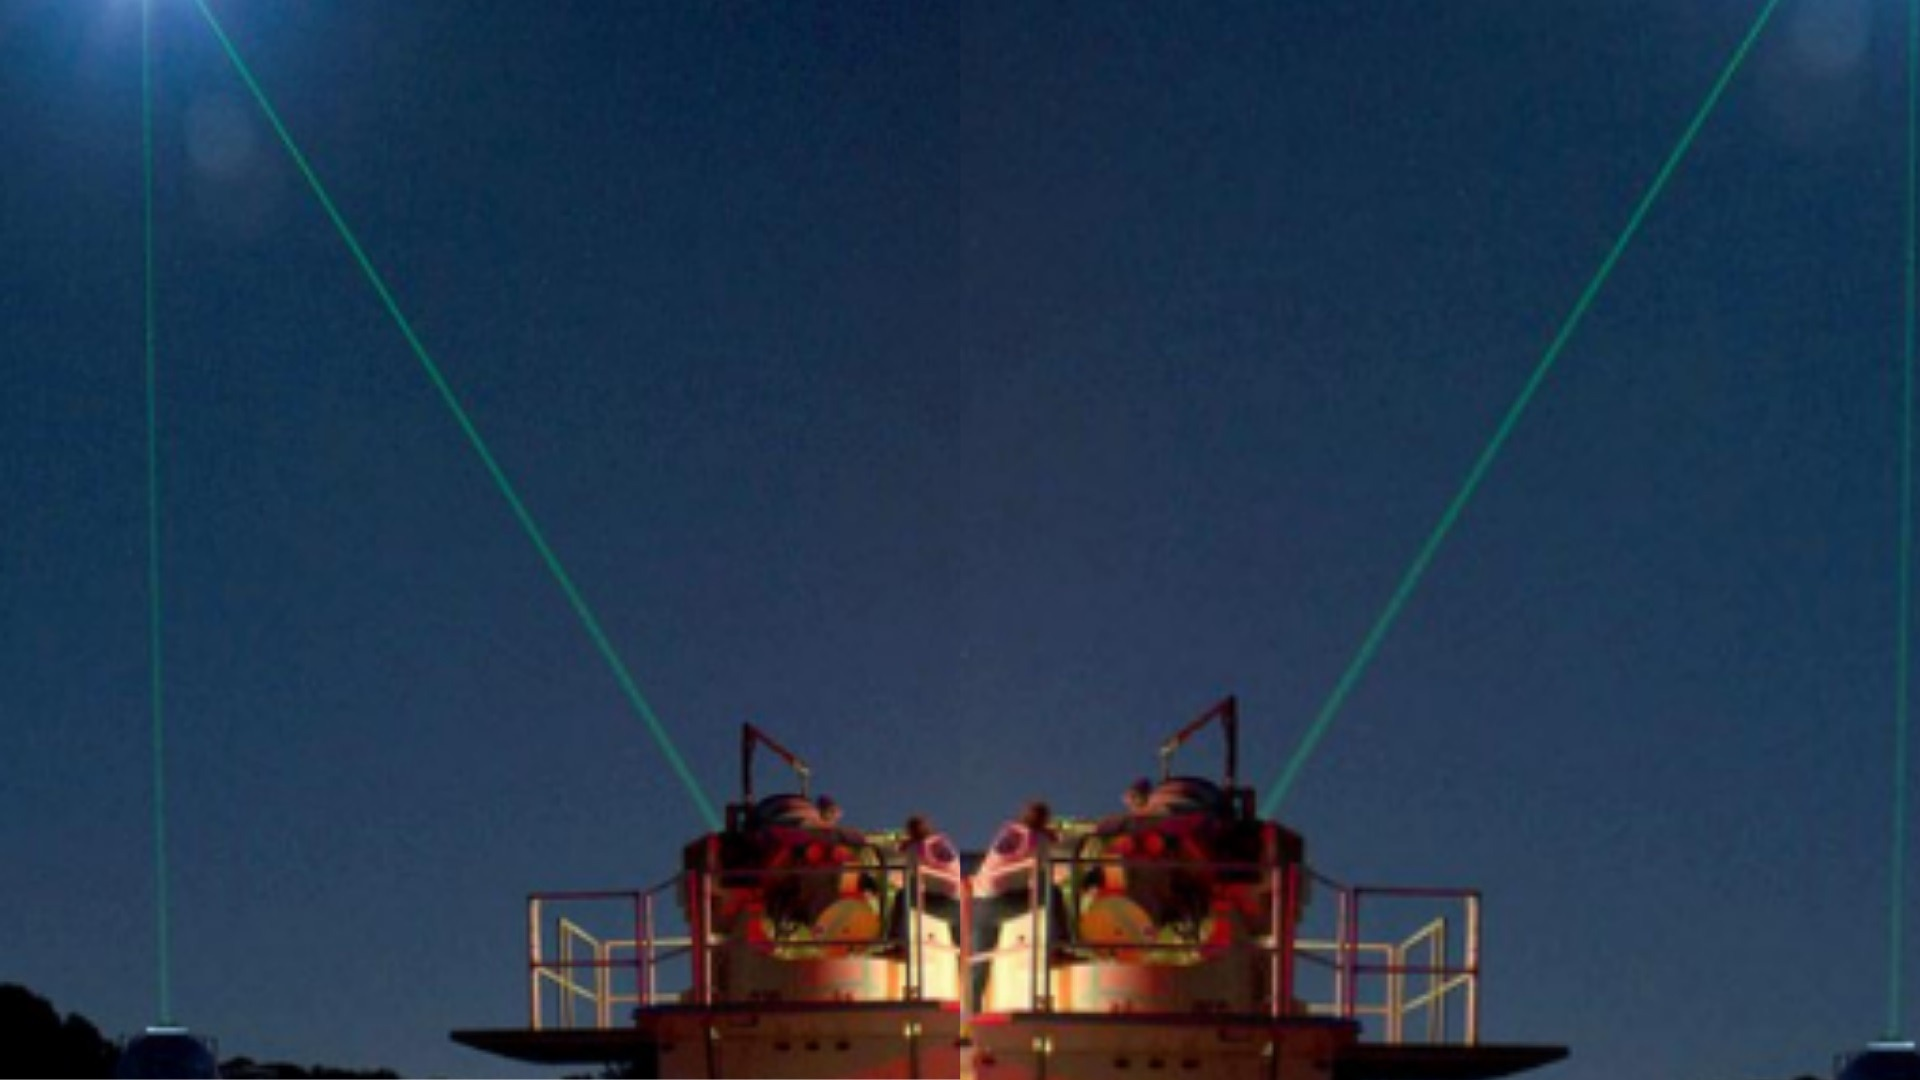 Ứng dụng laser nguyên cứu vũ trụ